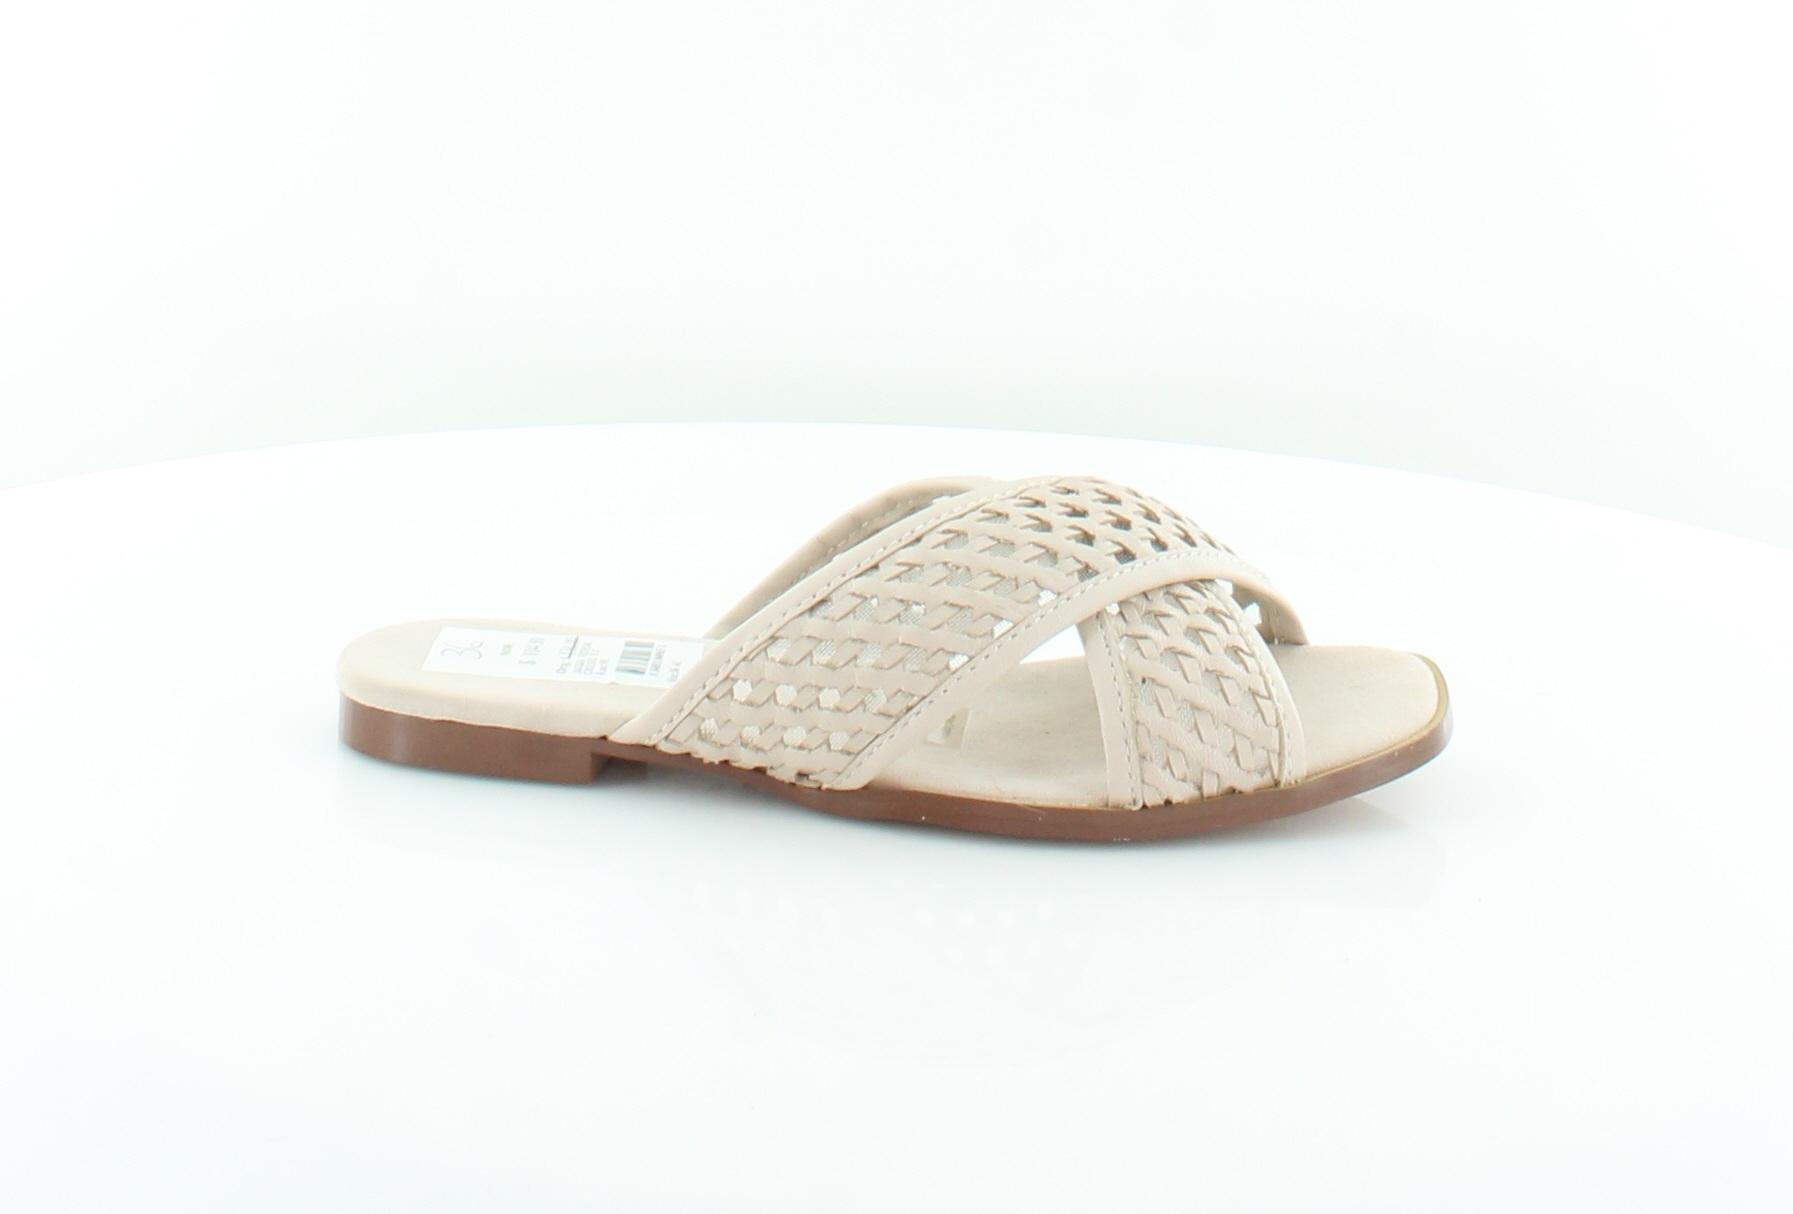 Jaggar Cruzado Marrón Zapatos para mujer Talla 6 M Sandalias Sandalias Sandalias precio minorista sugerido por el fabricante  130  se descuenta